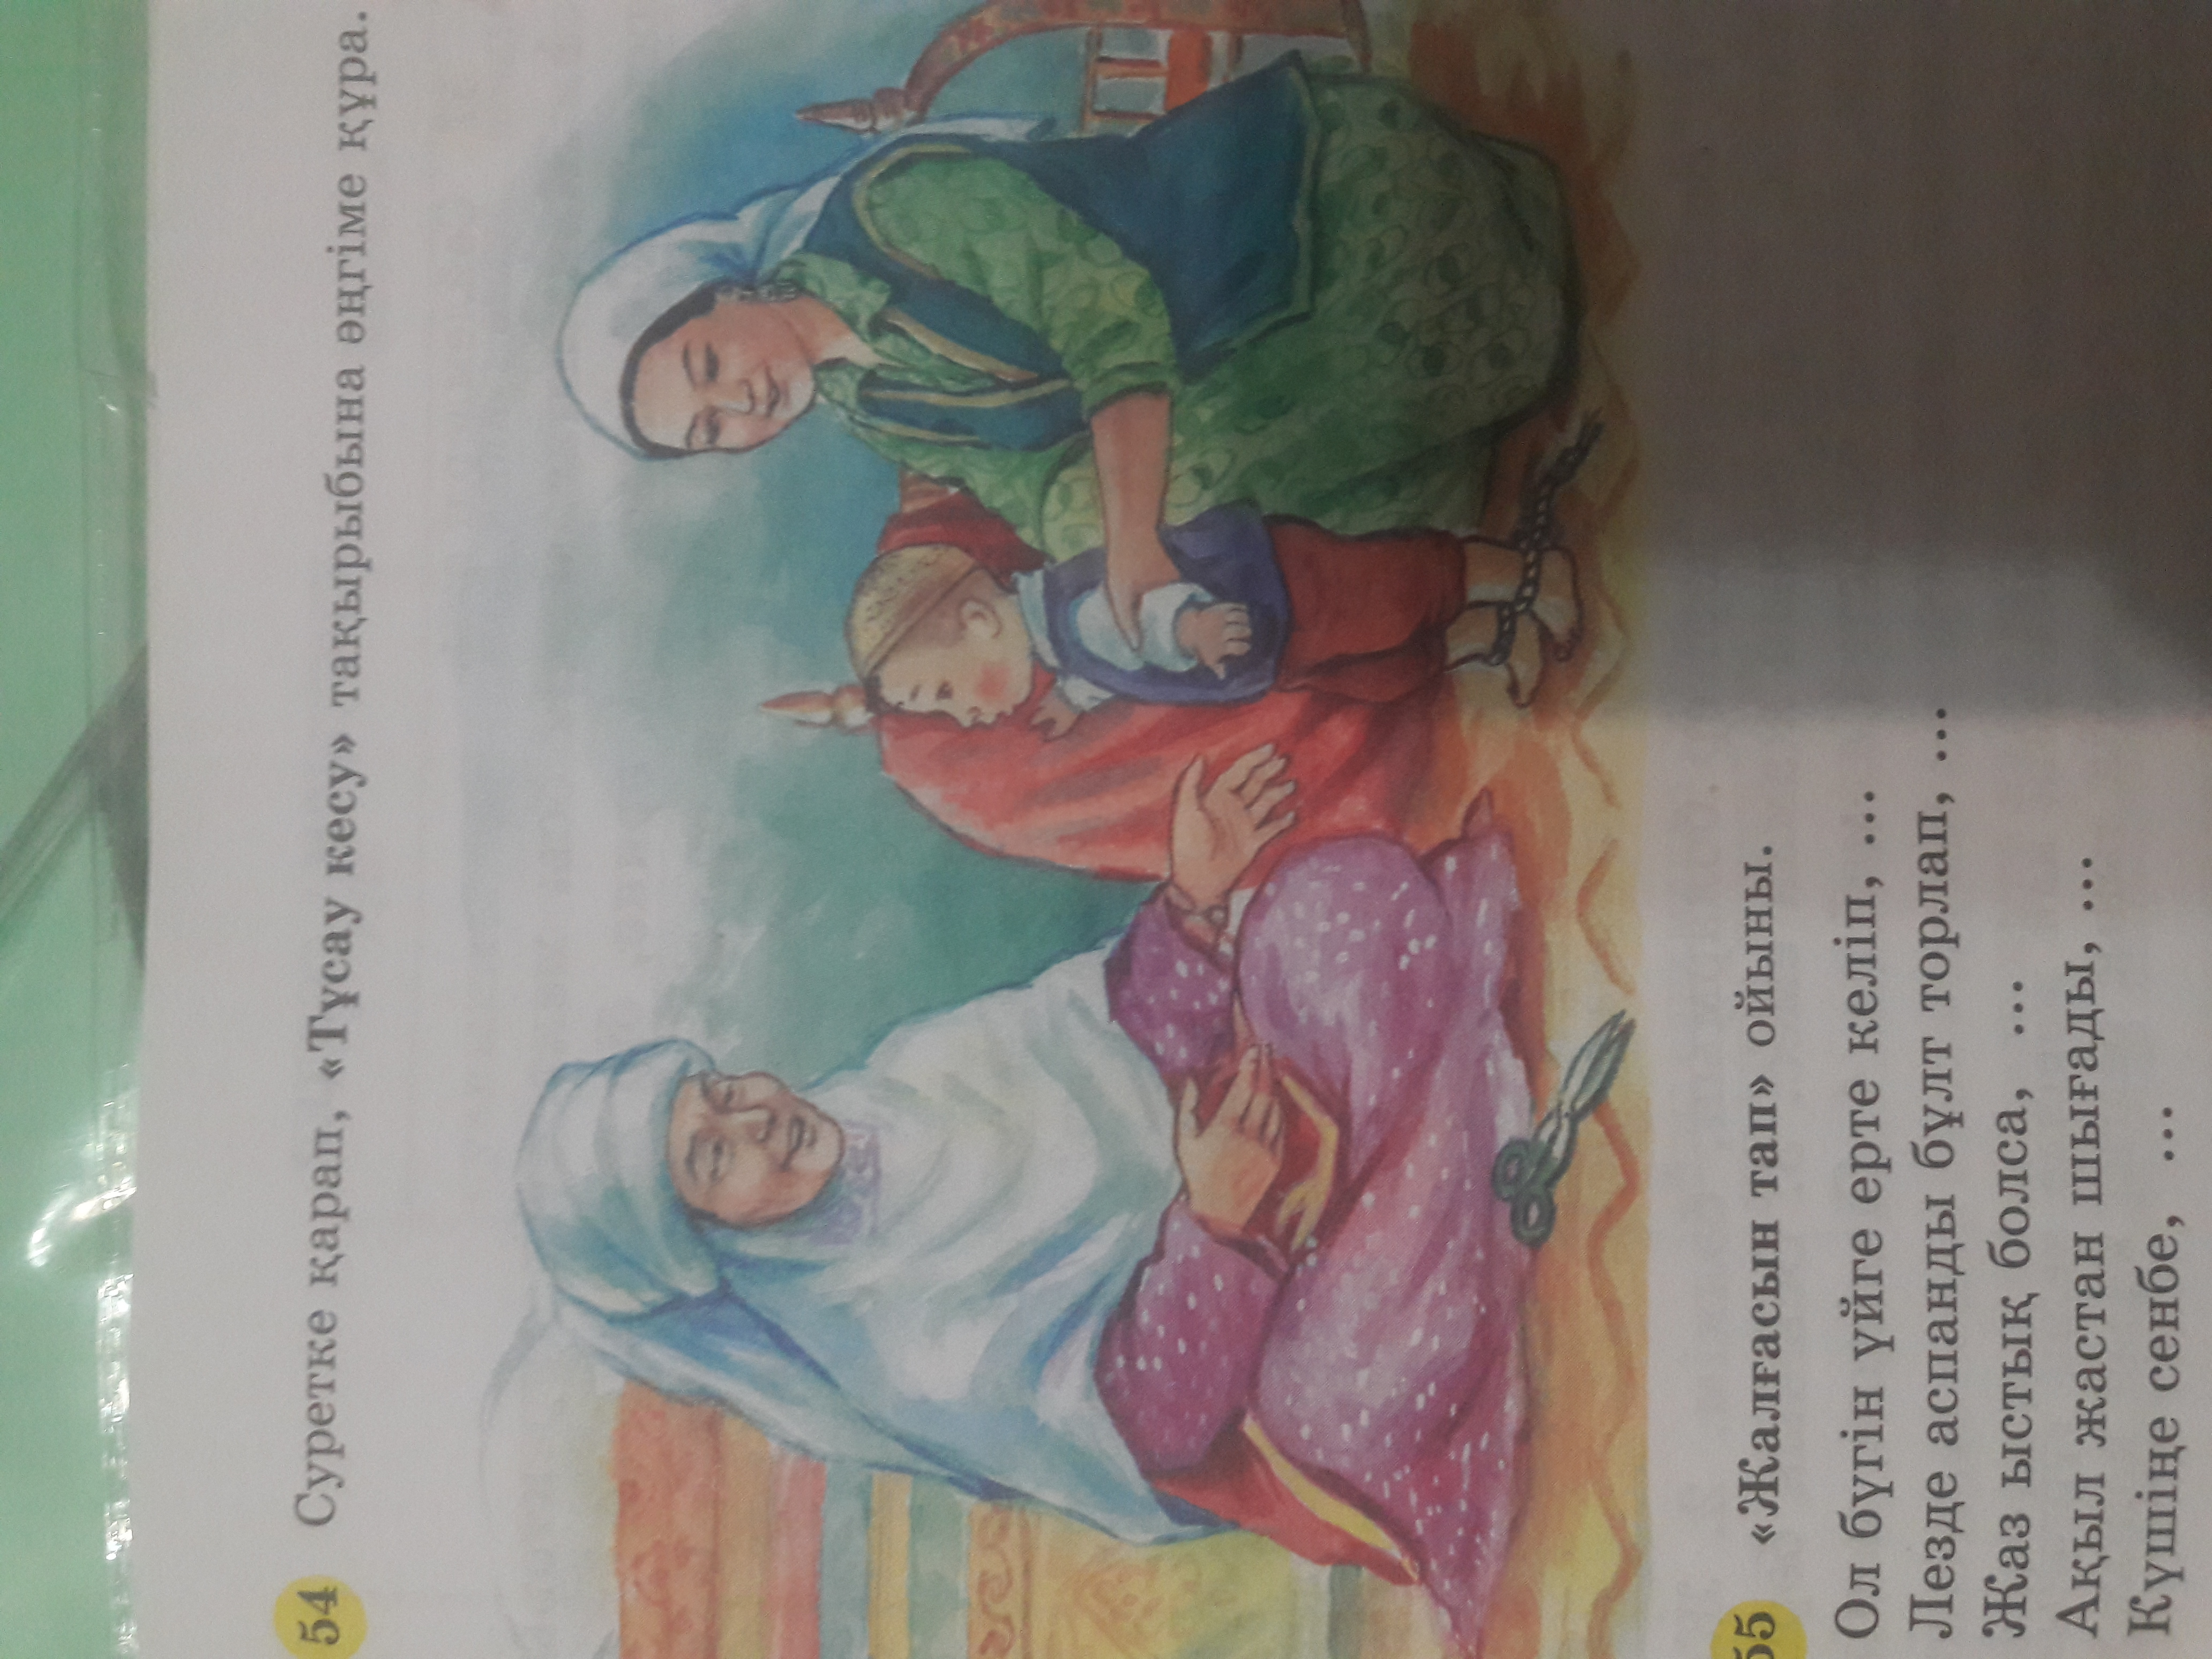 Помогите написать сочинение на казах.яз на тему Тұсау кесу по картинке